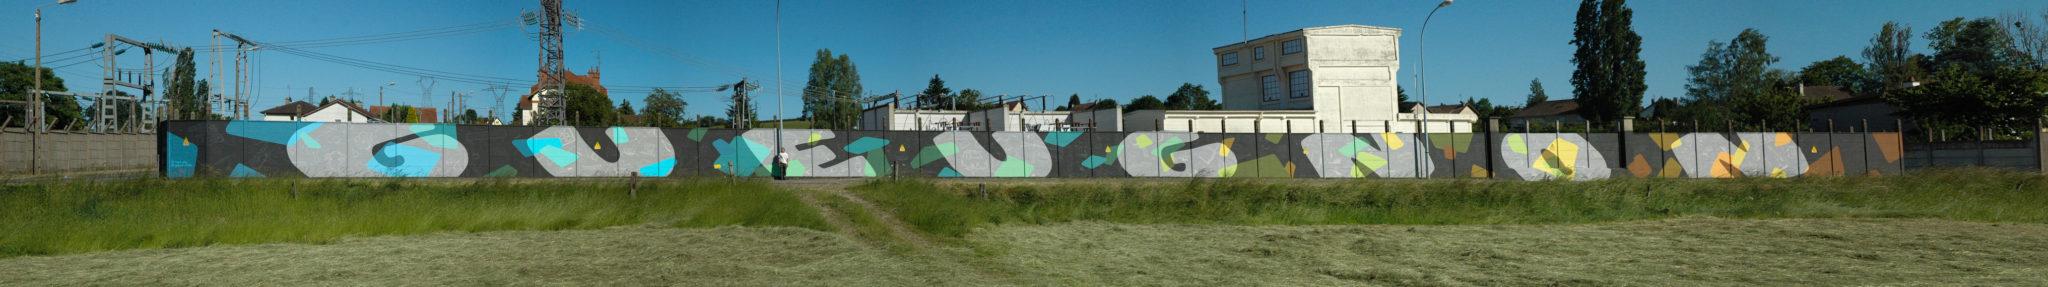 Fresque Montreuil isabelle cochereau pierre mathieu 2019